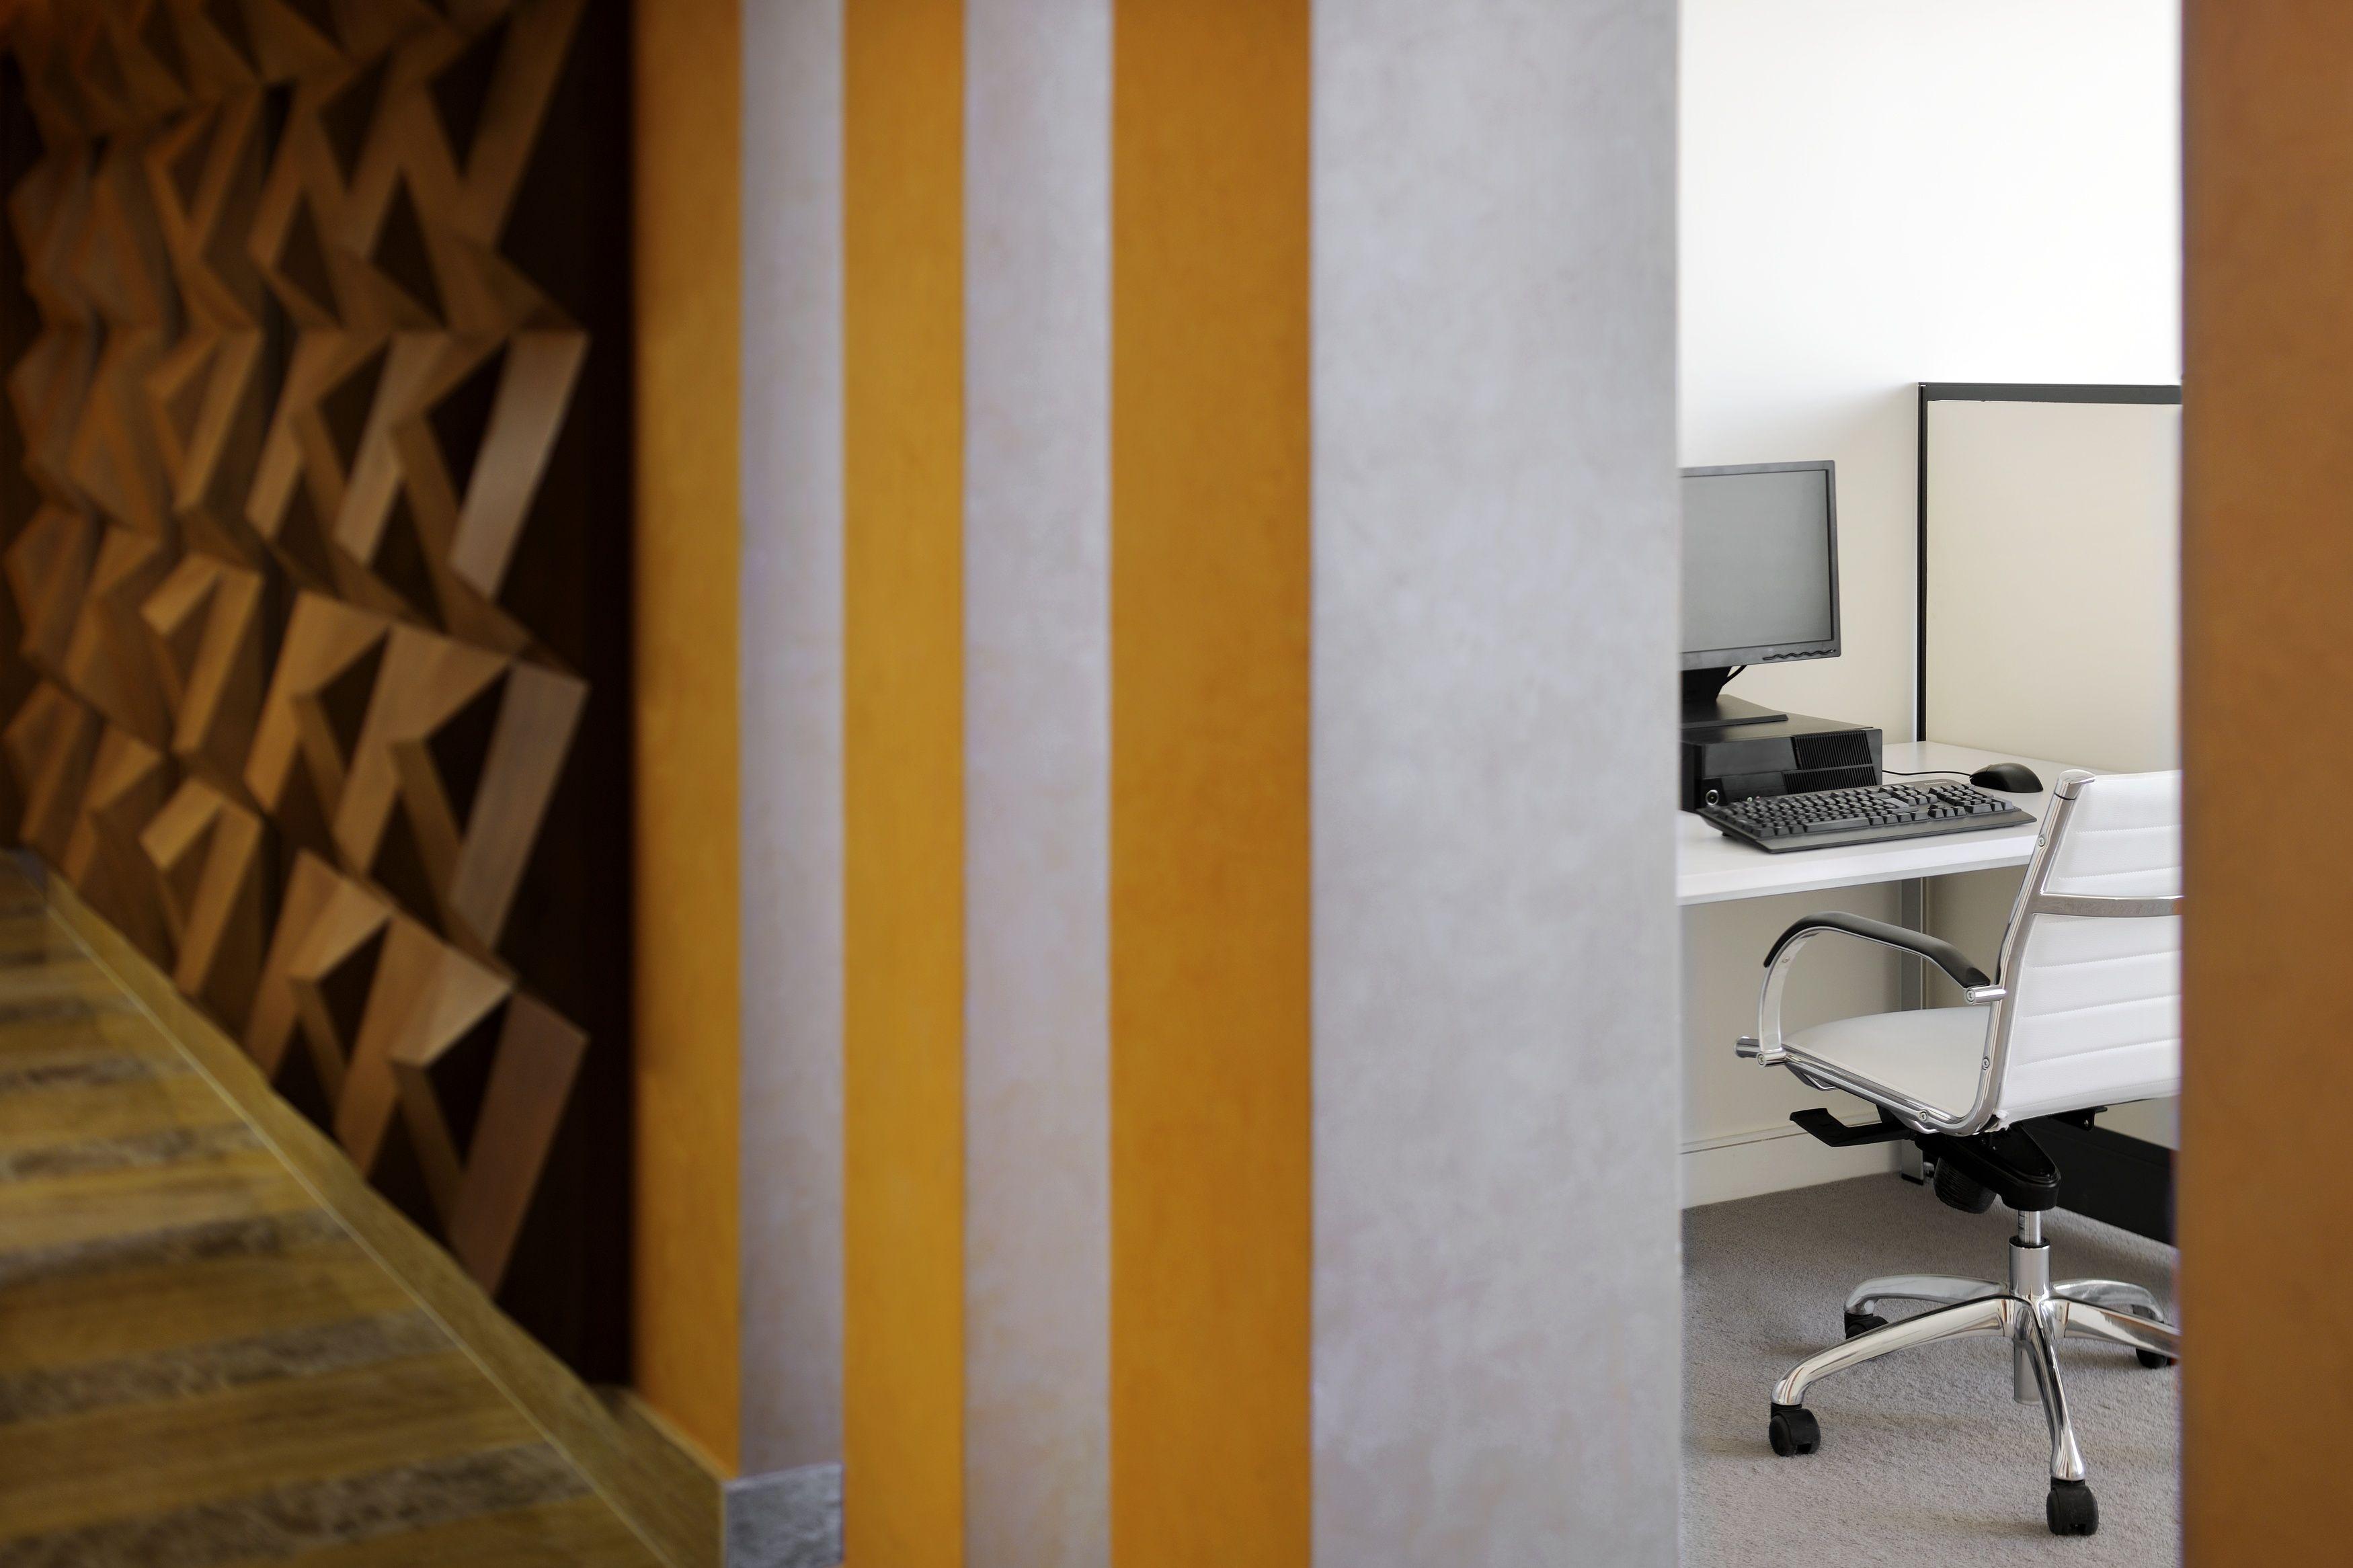 wall Wood cladding pattern